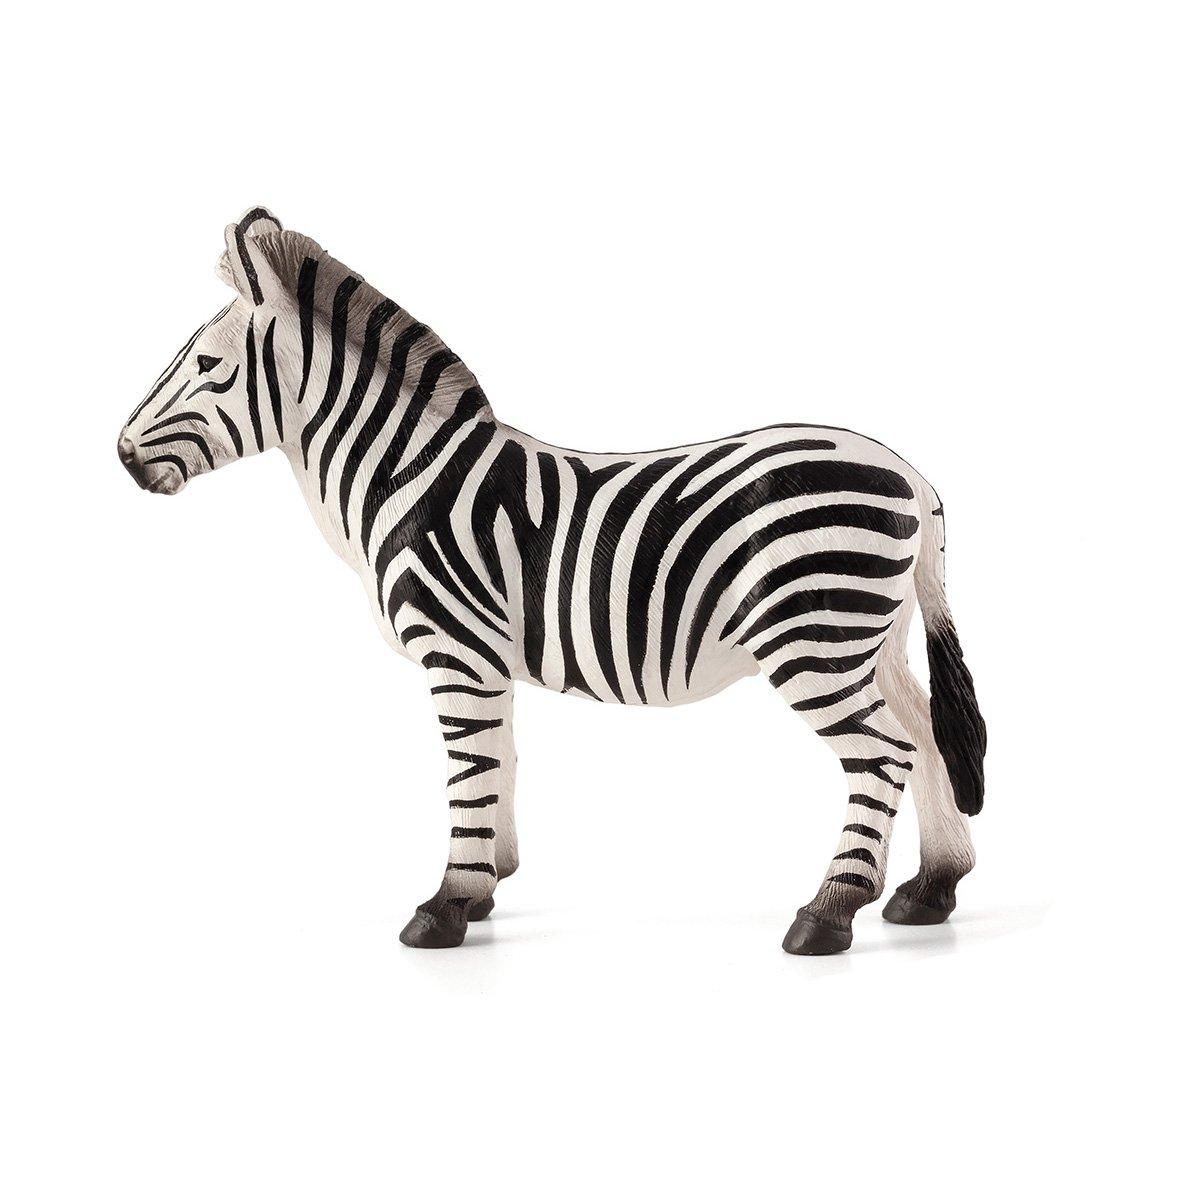 Figurina Mojo, Zebra imagine 2021